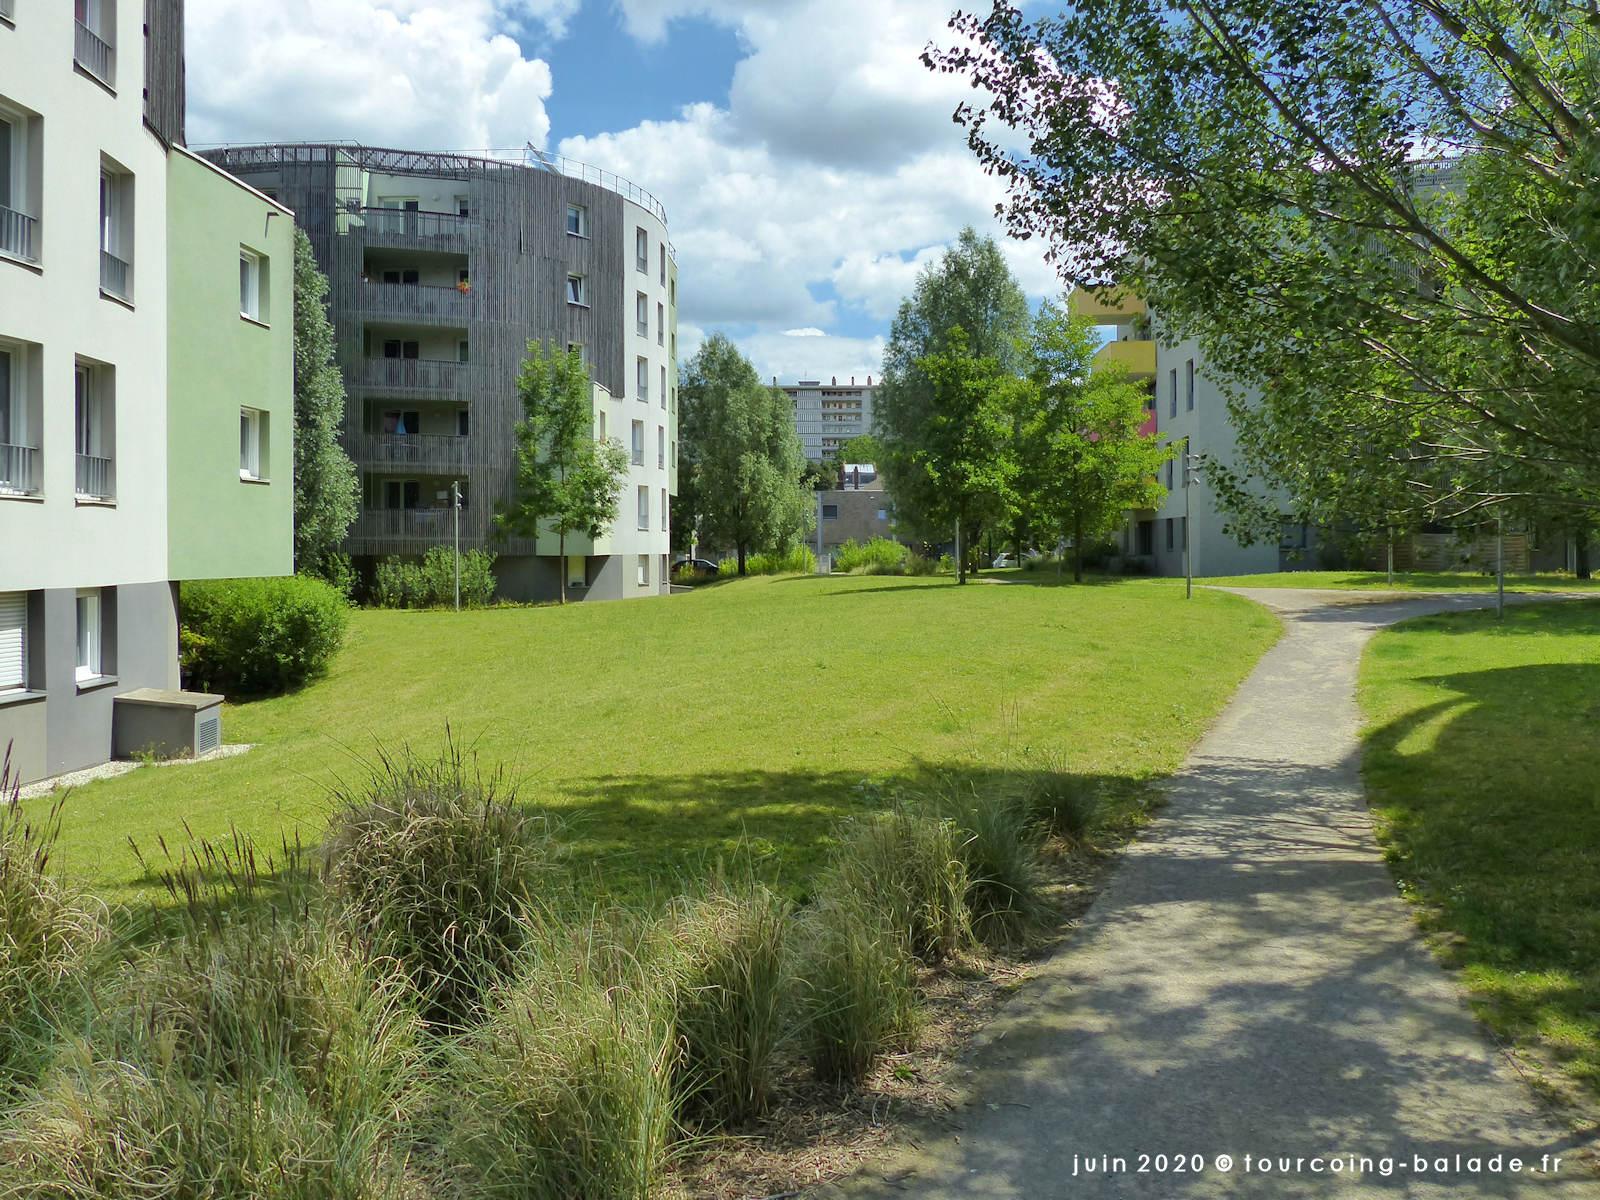 Résidences Les Jardins de Belencontre, Tourcoing, 2020